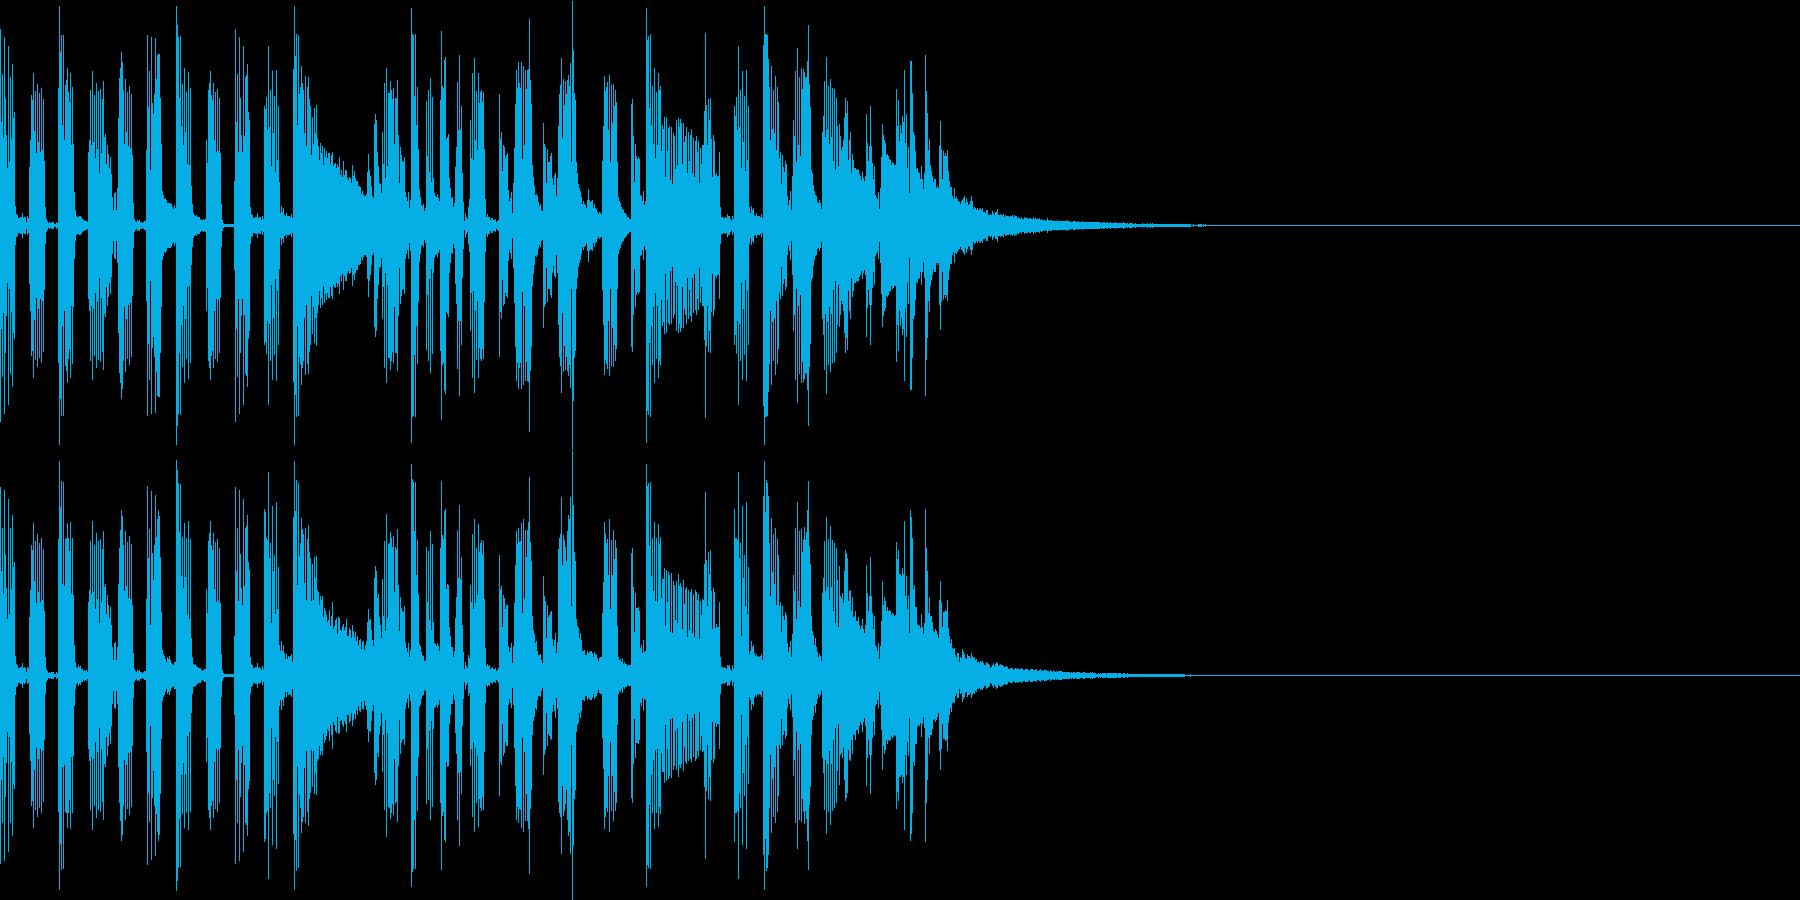 ちょっとしたドラムパターンの再生済みの波形